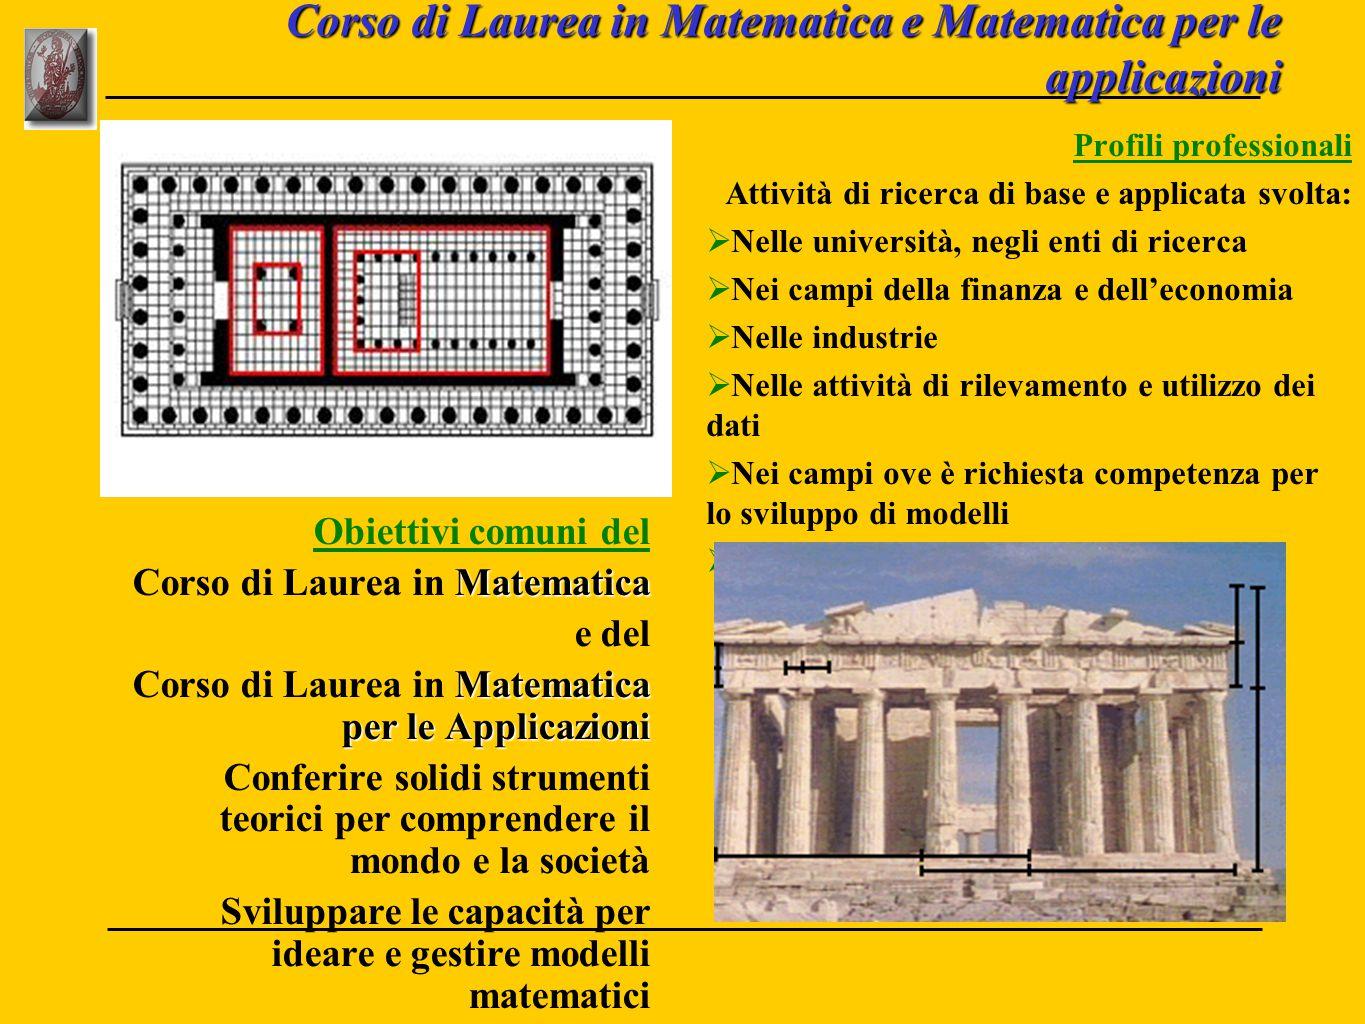 Corso di Laurea in Matematica e Matematica per le applicazioni Obiettivi comuni del Matematica Corso di Laurea in Matematica e del Matematica per le A